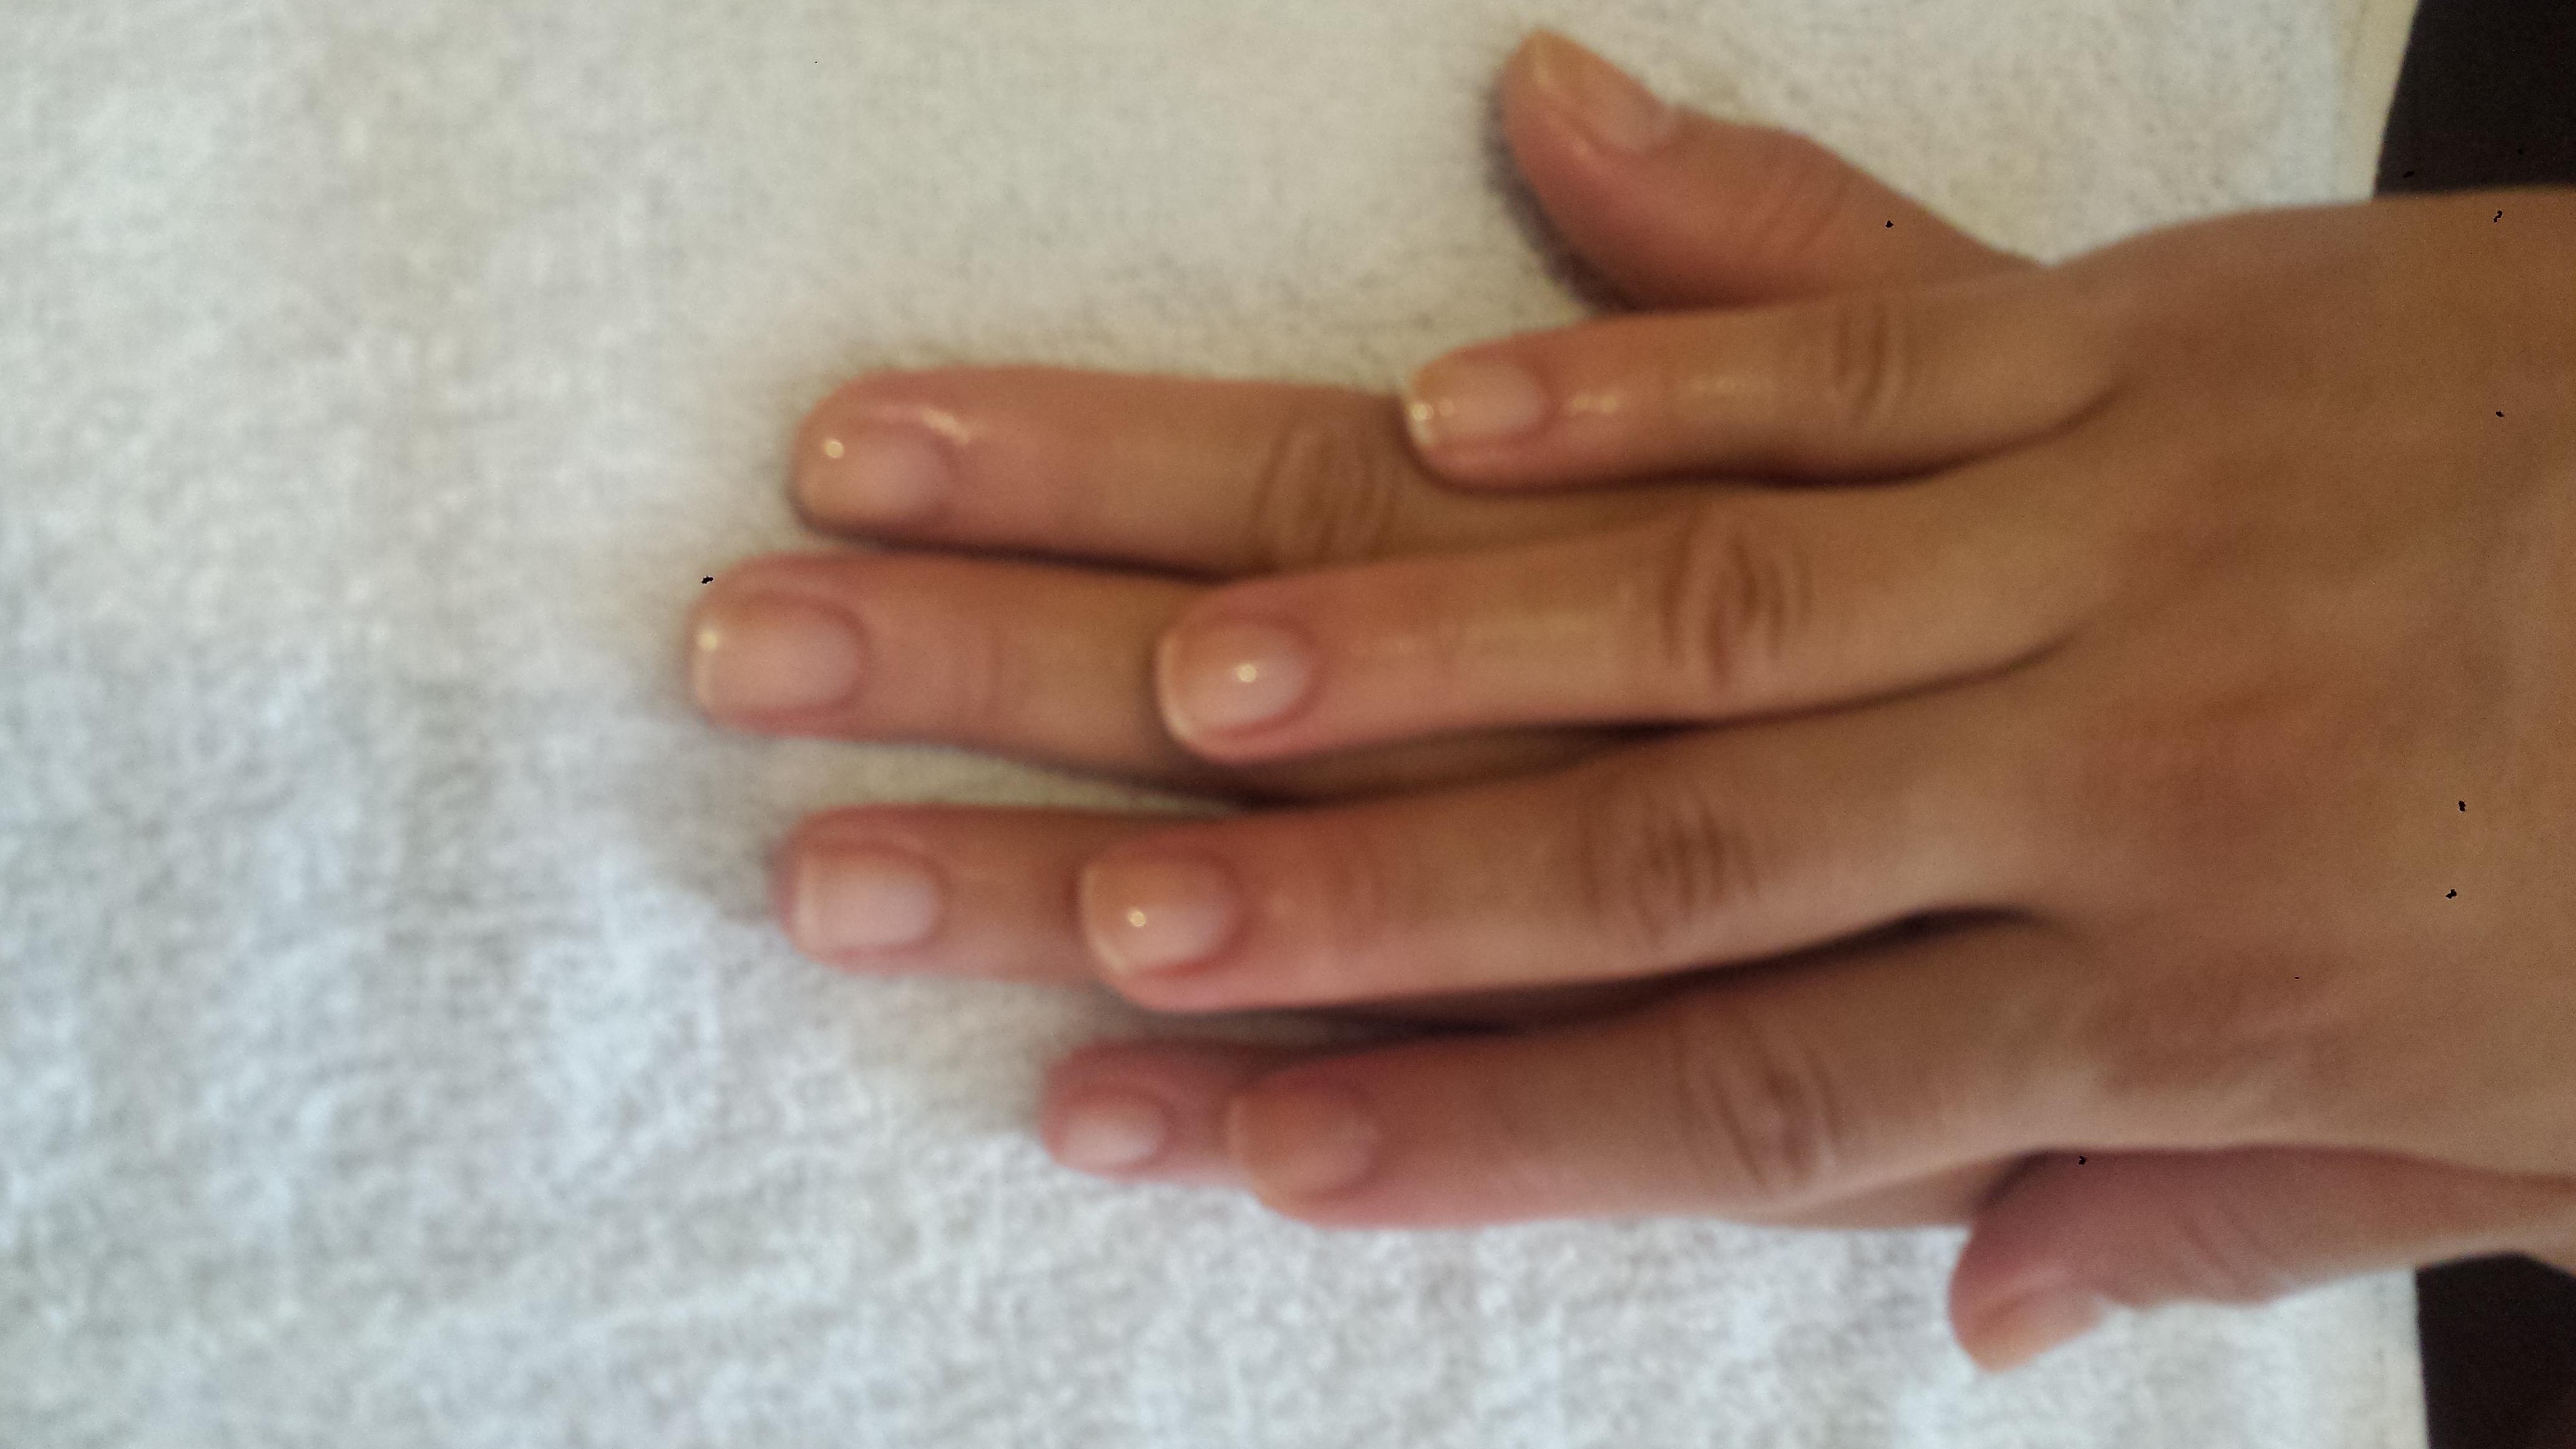 Serviço de manicure feito na unha da minha irmã ela escolheu apenas fazer a cutilacao e passar base.  unha manicure e pedicure